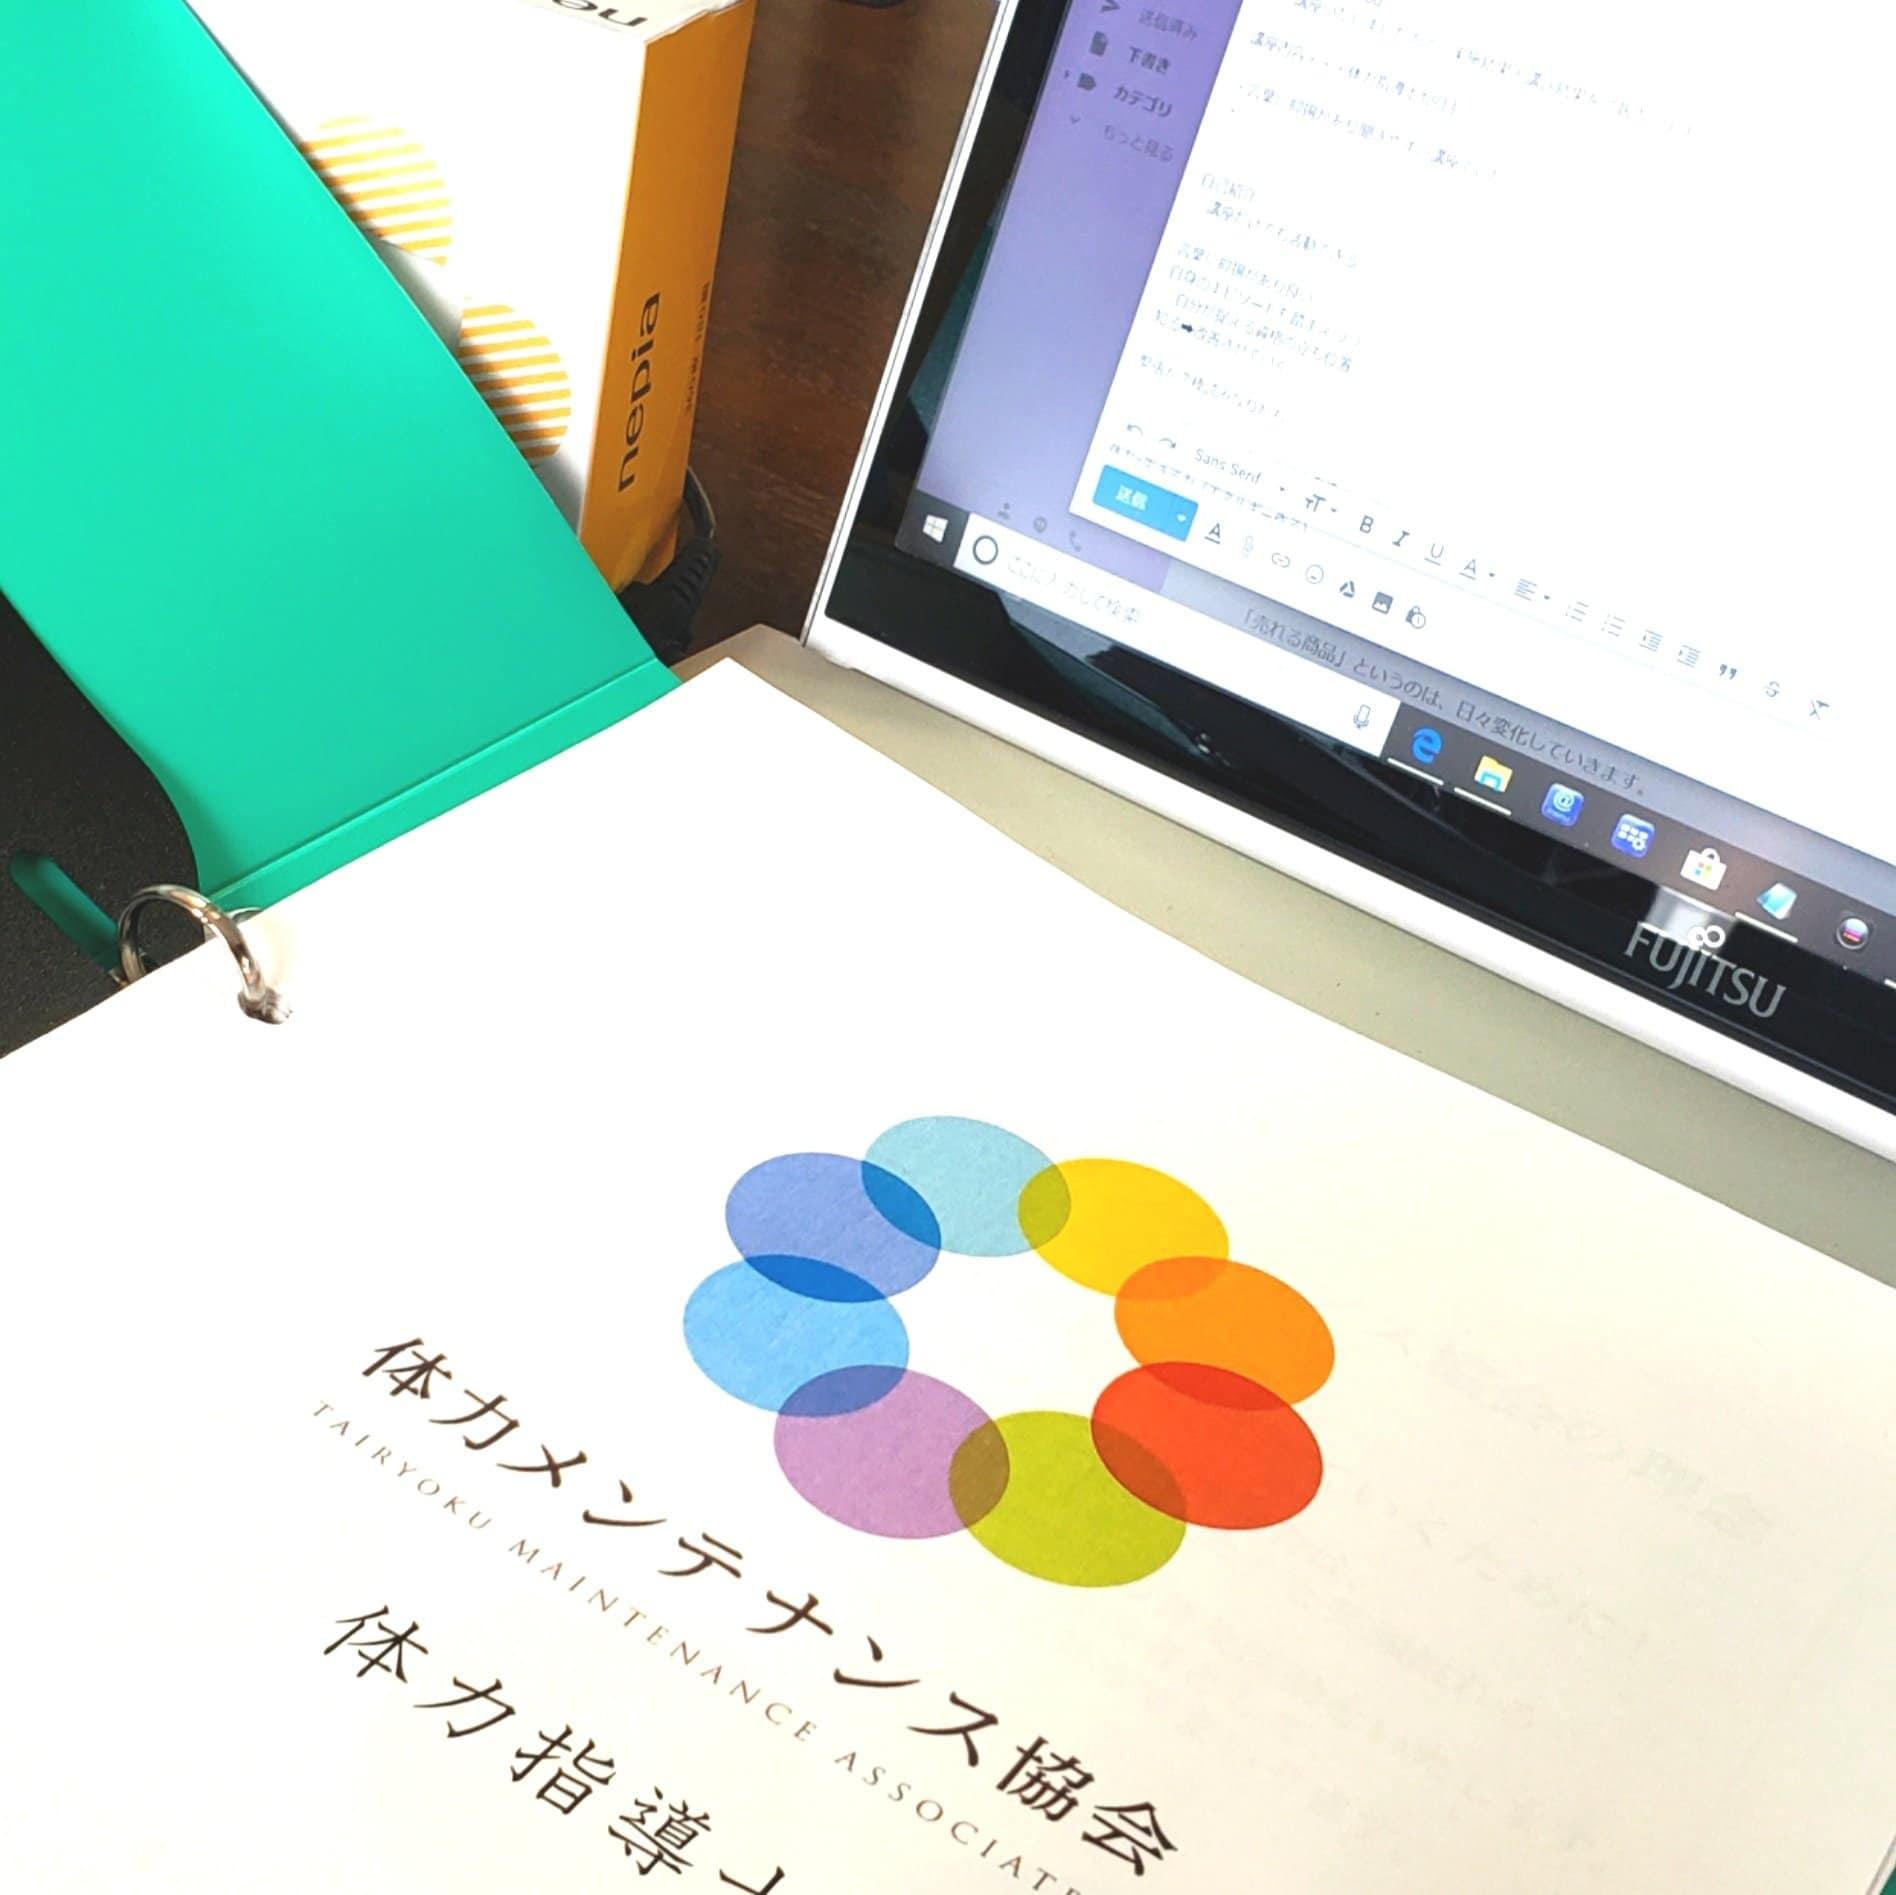 【体力指導士養成講座】@愛知県江南市&オンライン(全国受講可能)のイメージその3